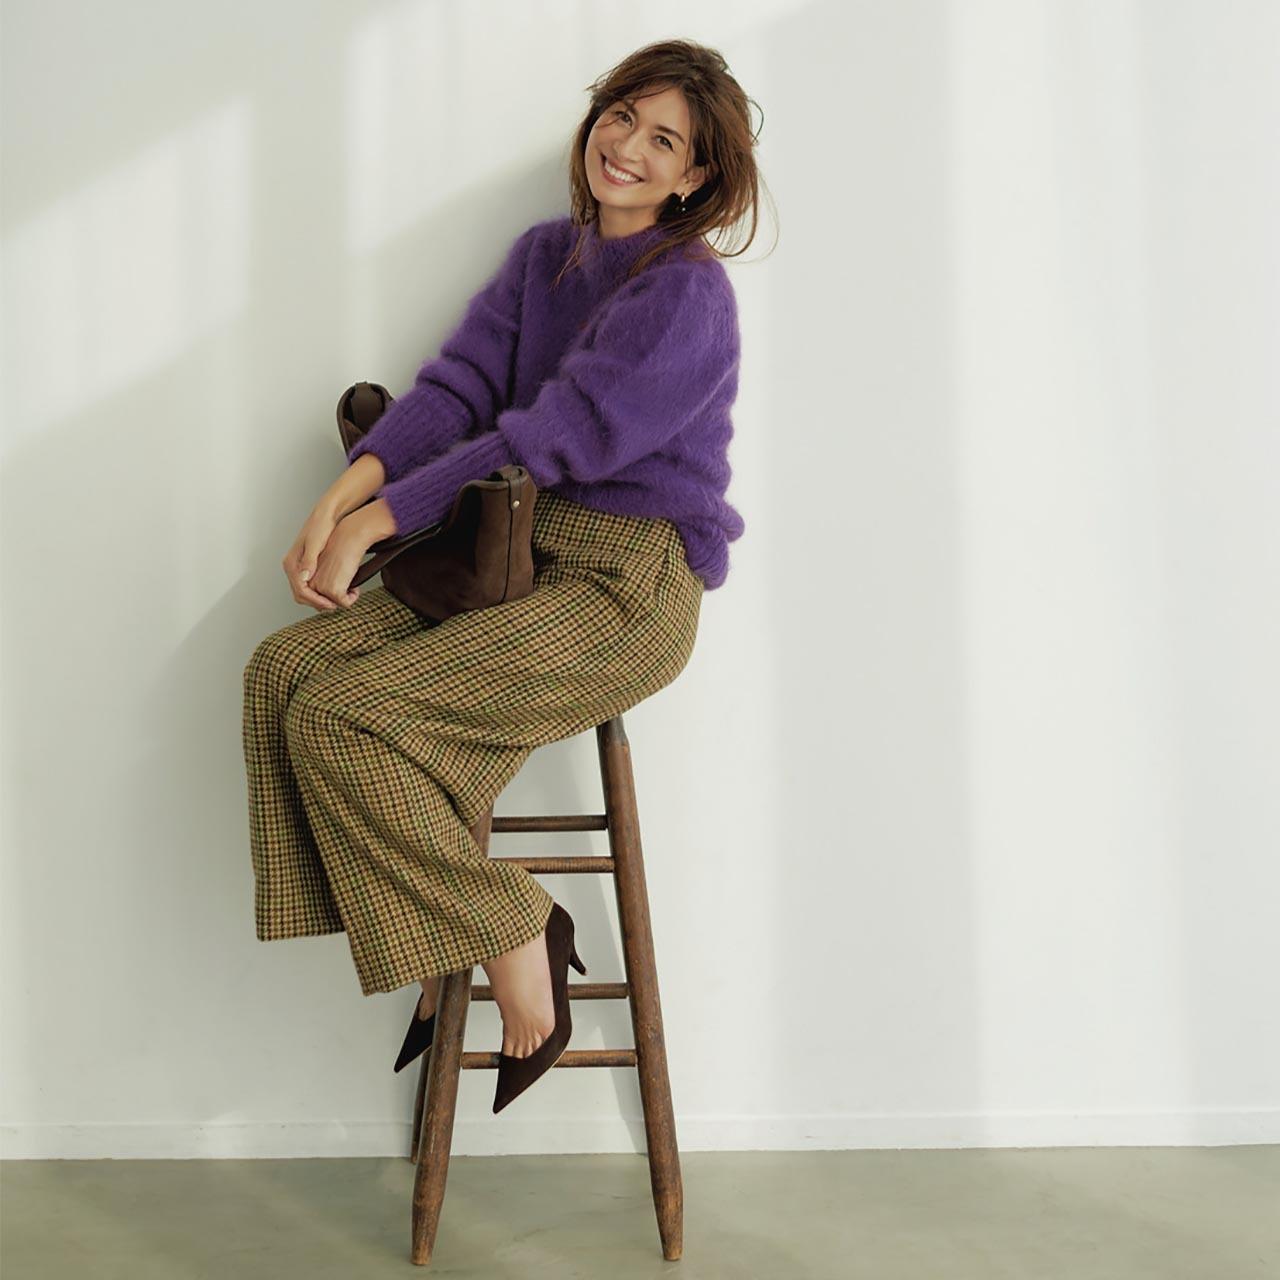 カラーニット×チェックパンツコーデを着たモデルのブレンダさん